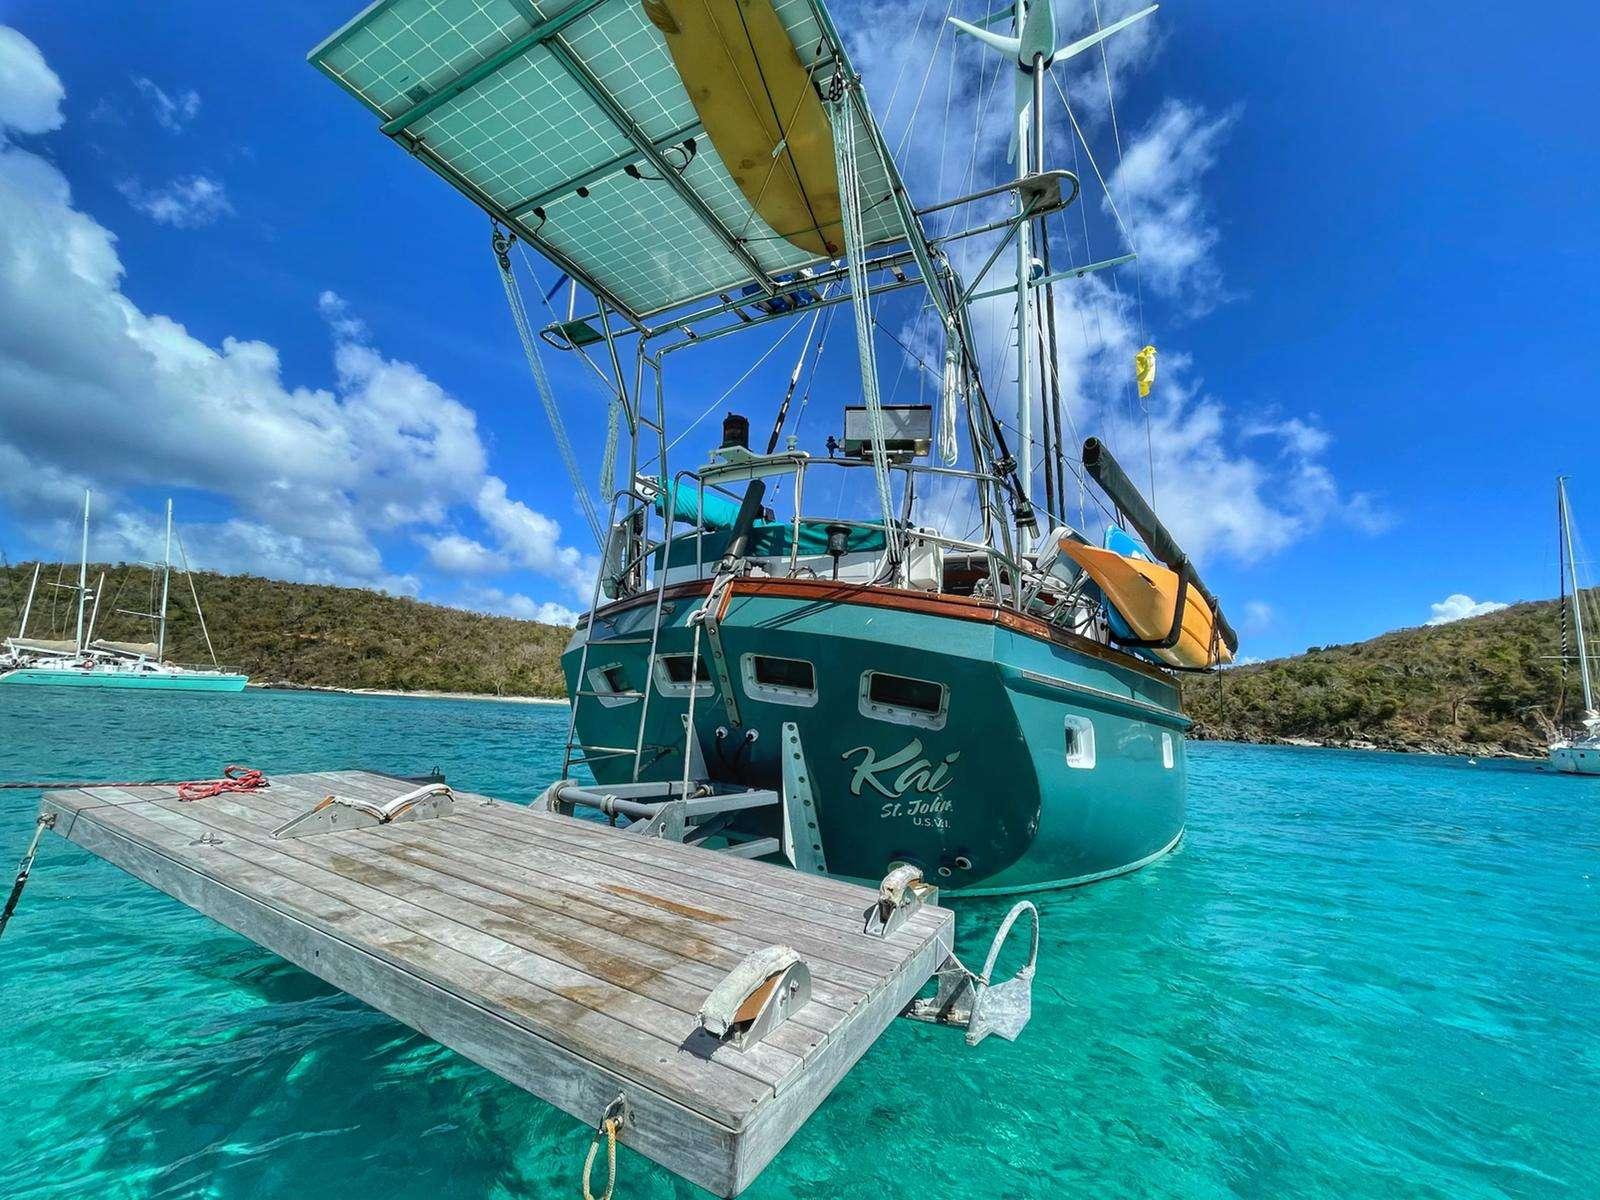 Image of KAI yacht #11